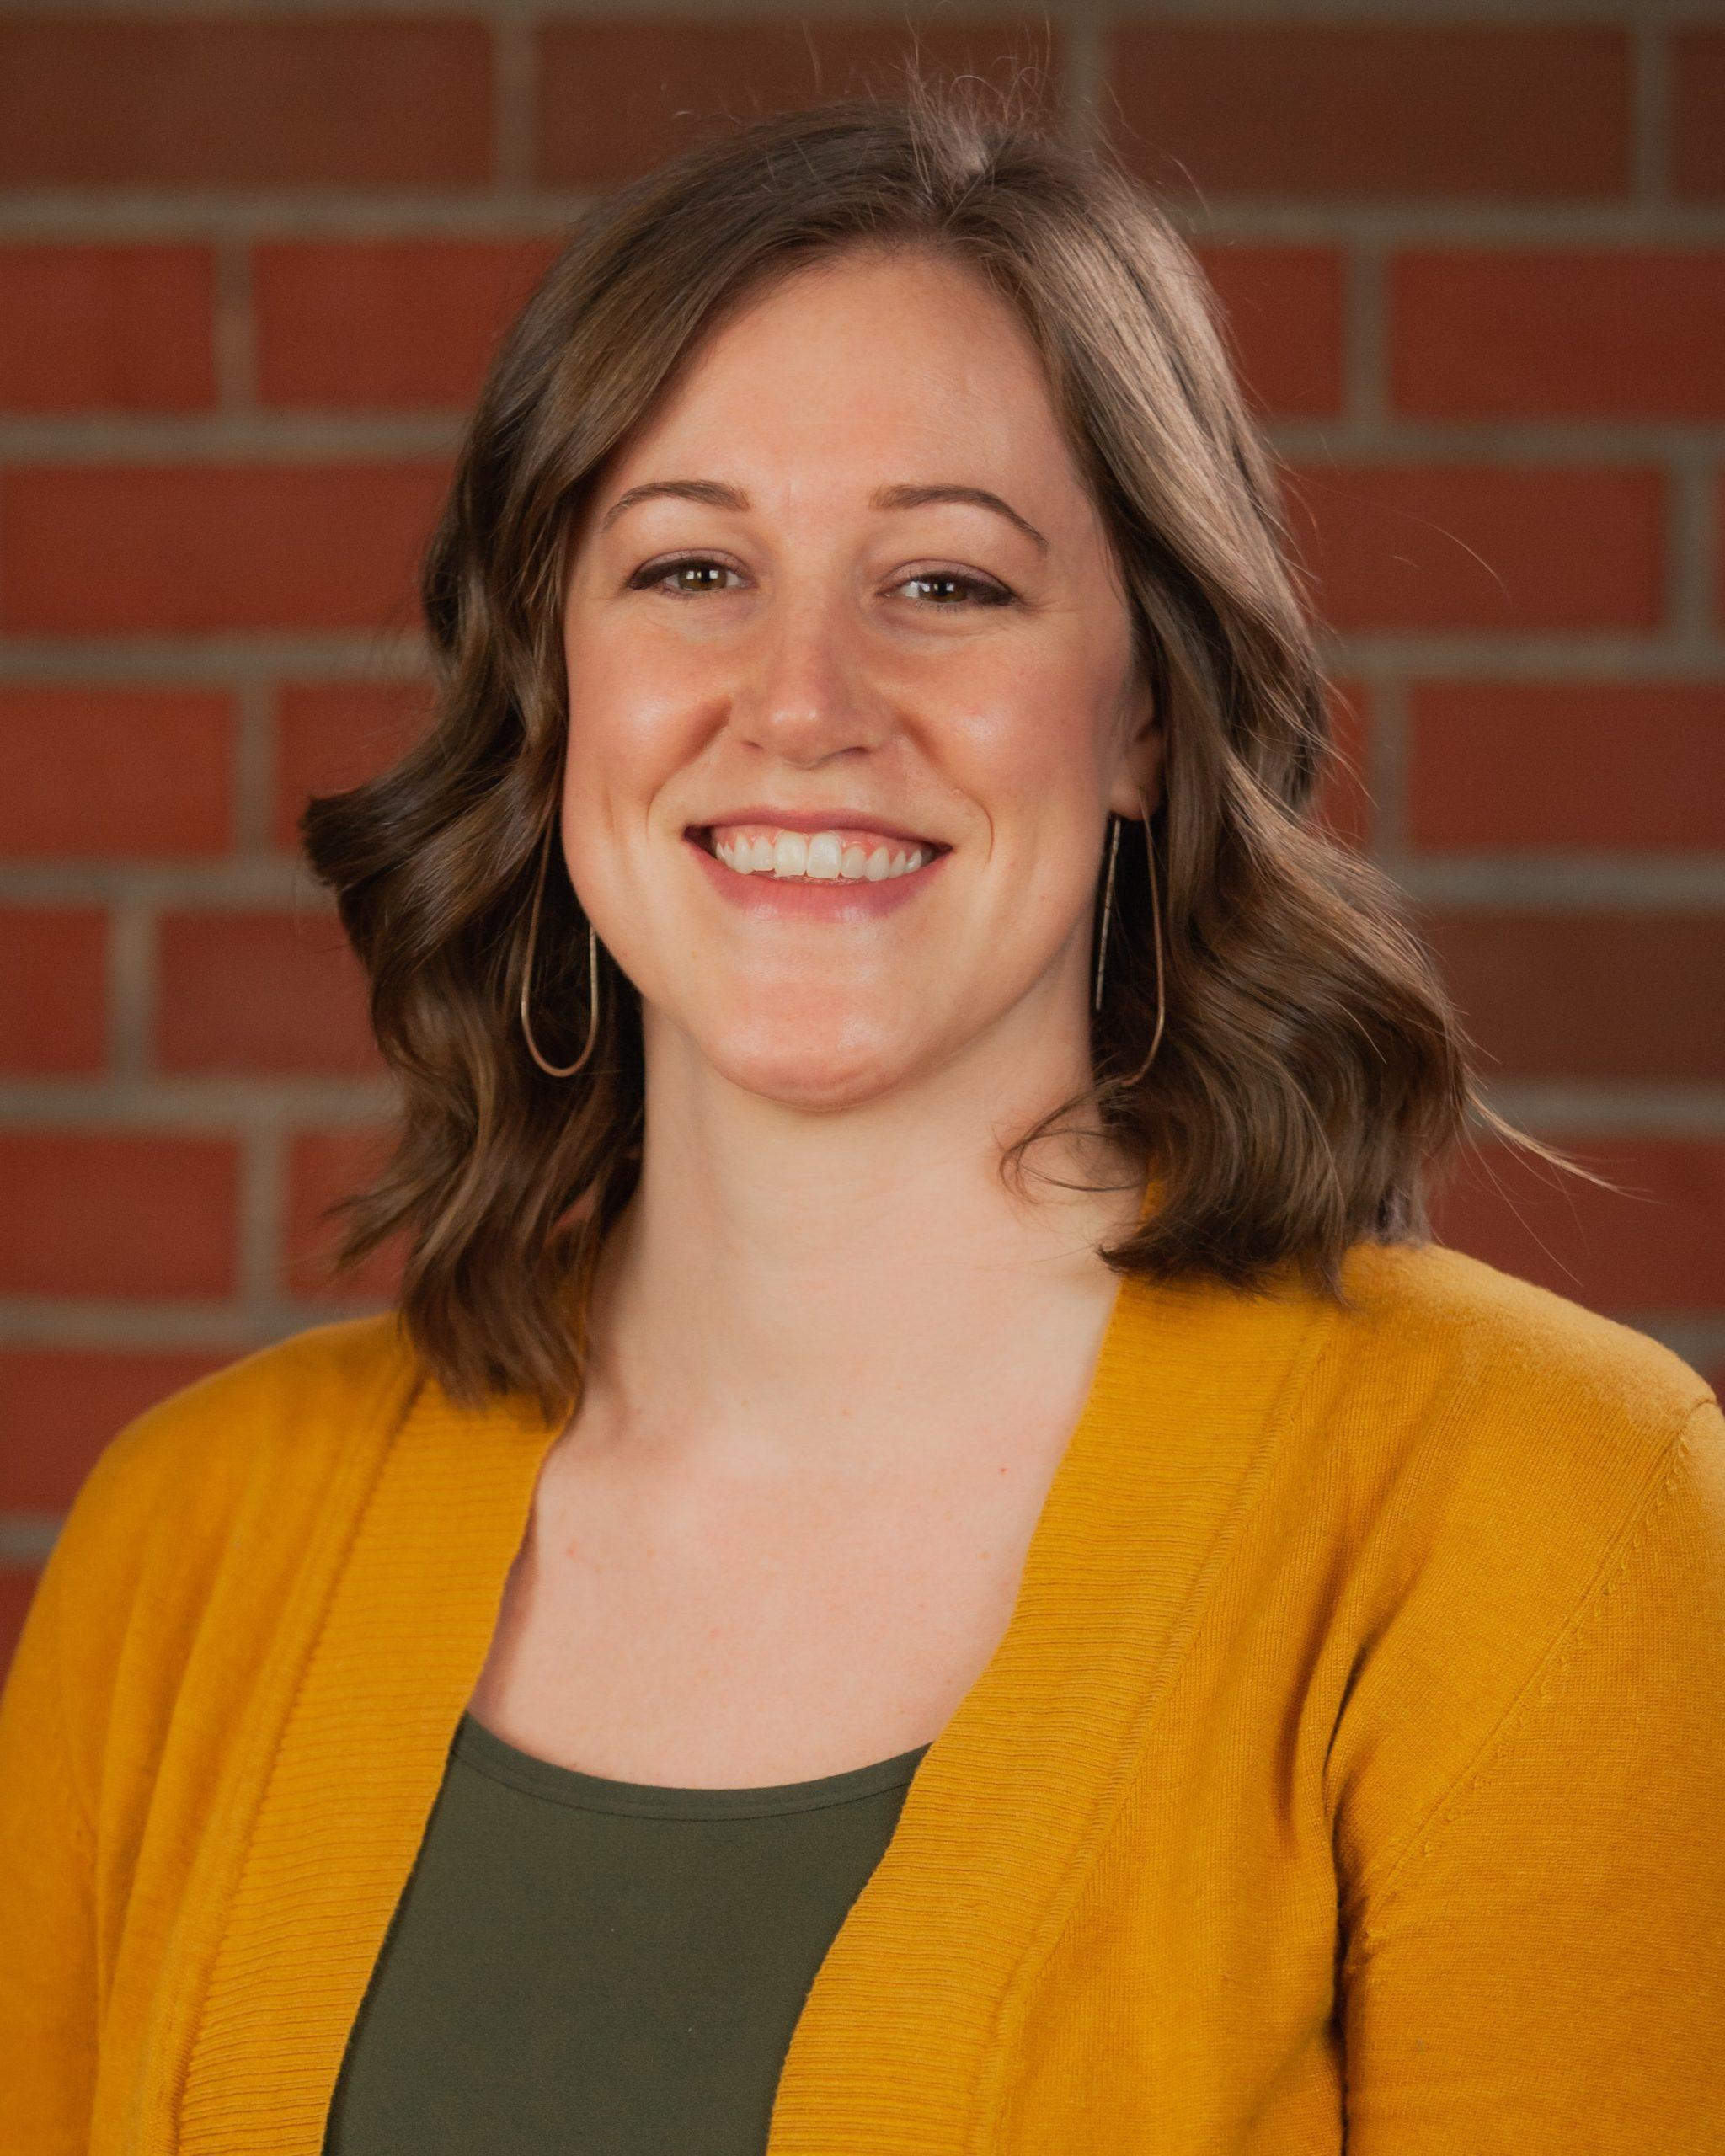 Image of Julia Garrison, LPC intern, NCC